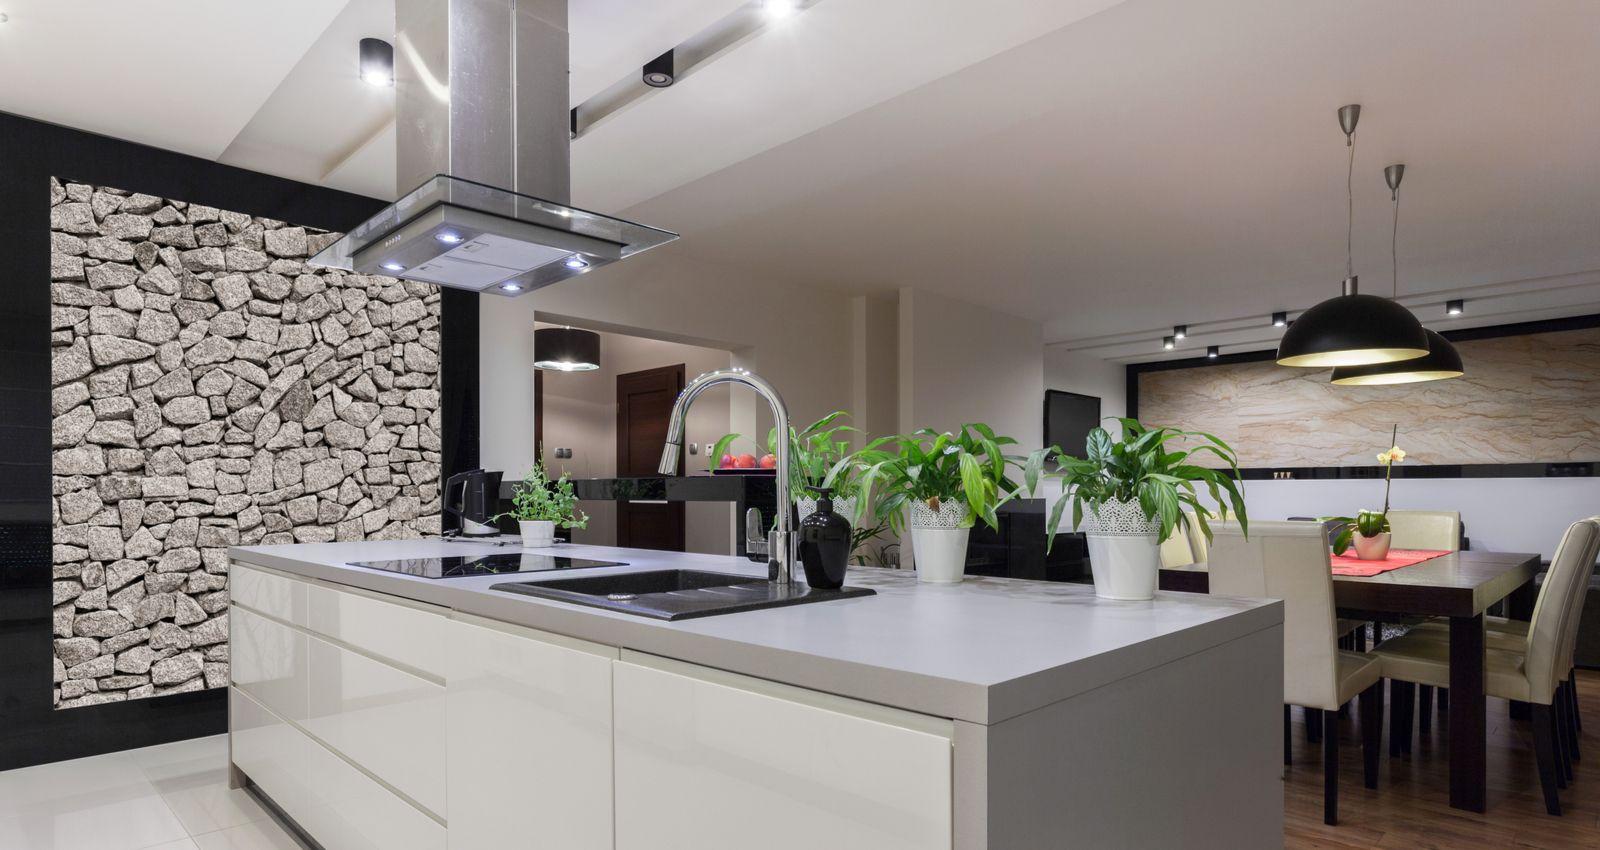 Comment installer monter une hotte de cuisine - Comment installer une cuisine equipee ...